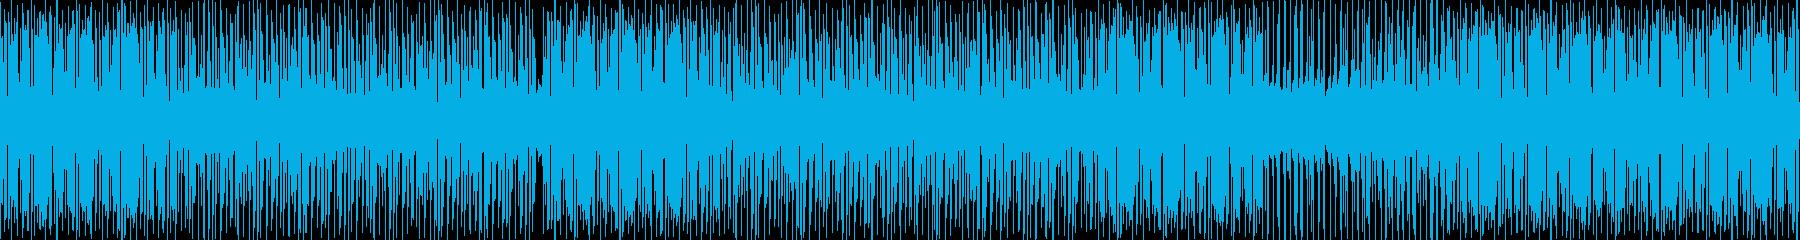 バラエティー豊富なストリングスの再生済みの波形